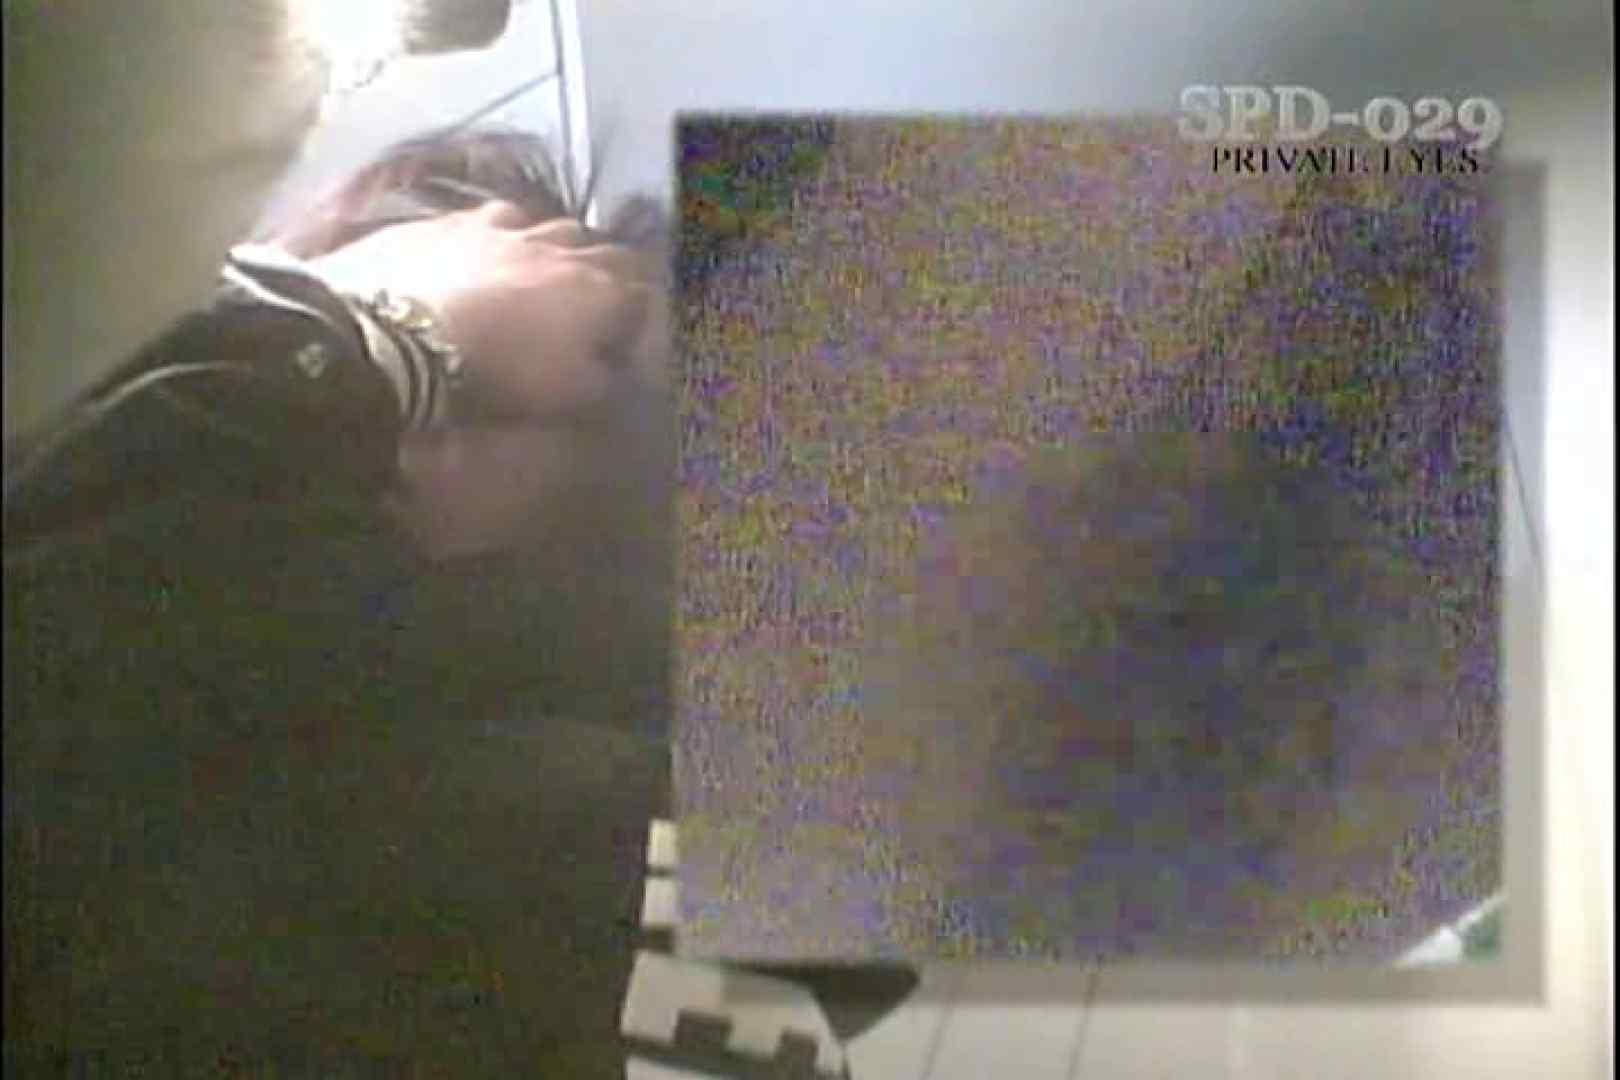 高画質版!SPD-029 和式厠 モリモリスペシャル 和式   高画質  86画像 51